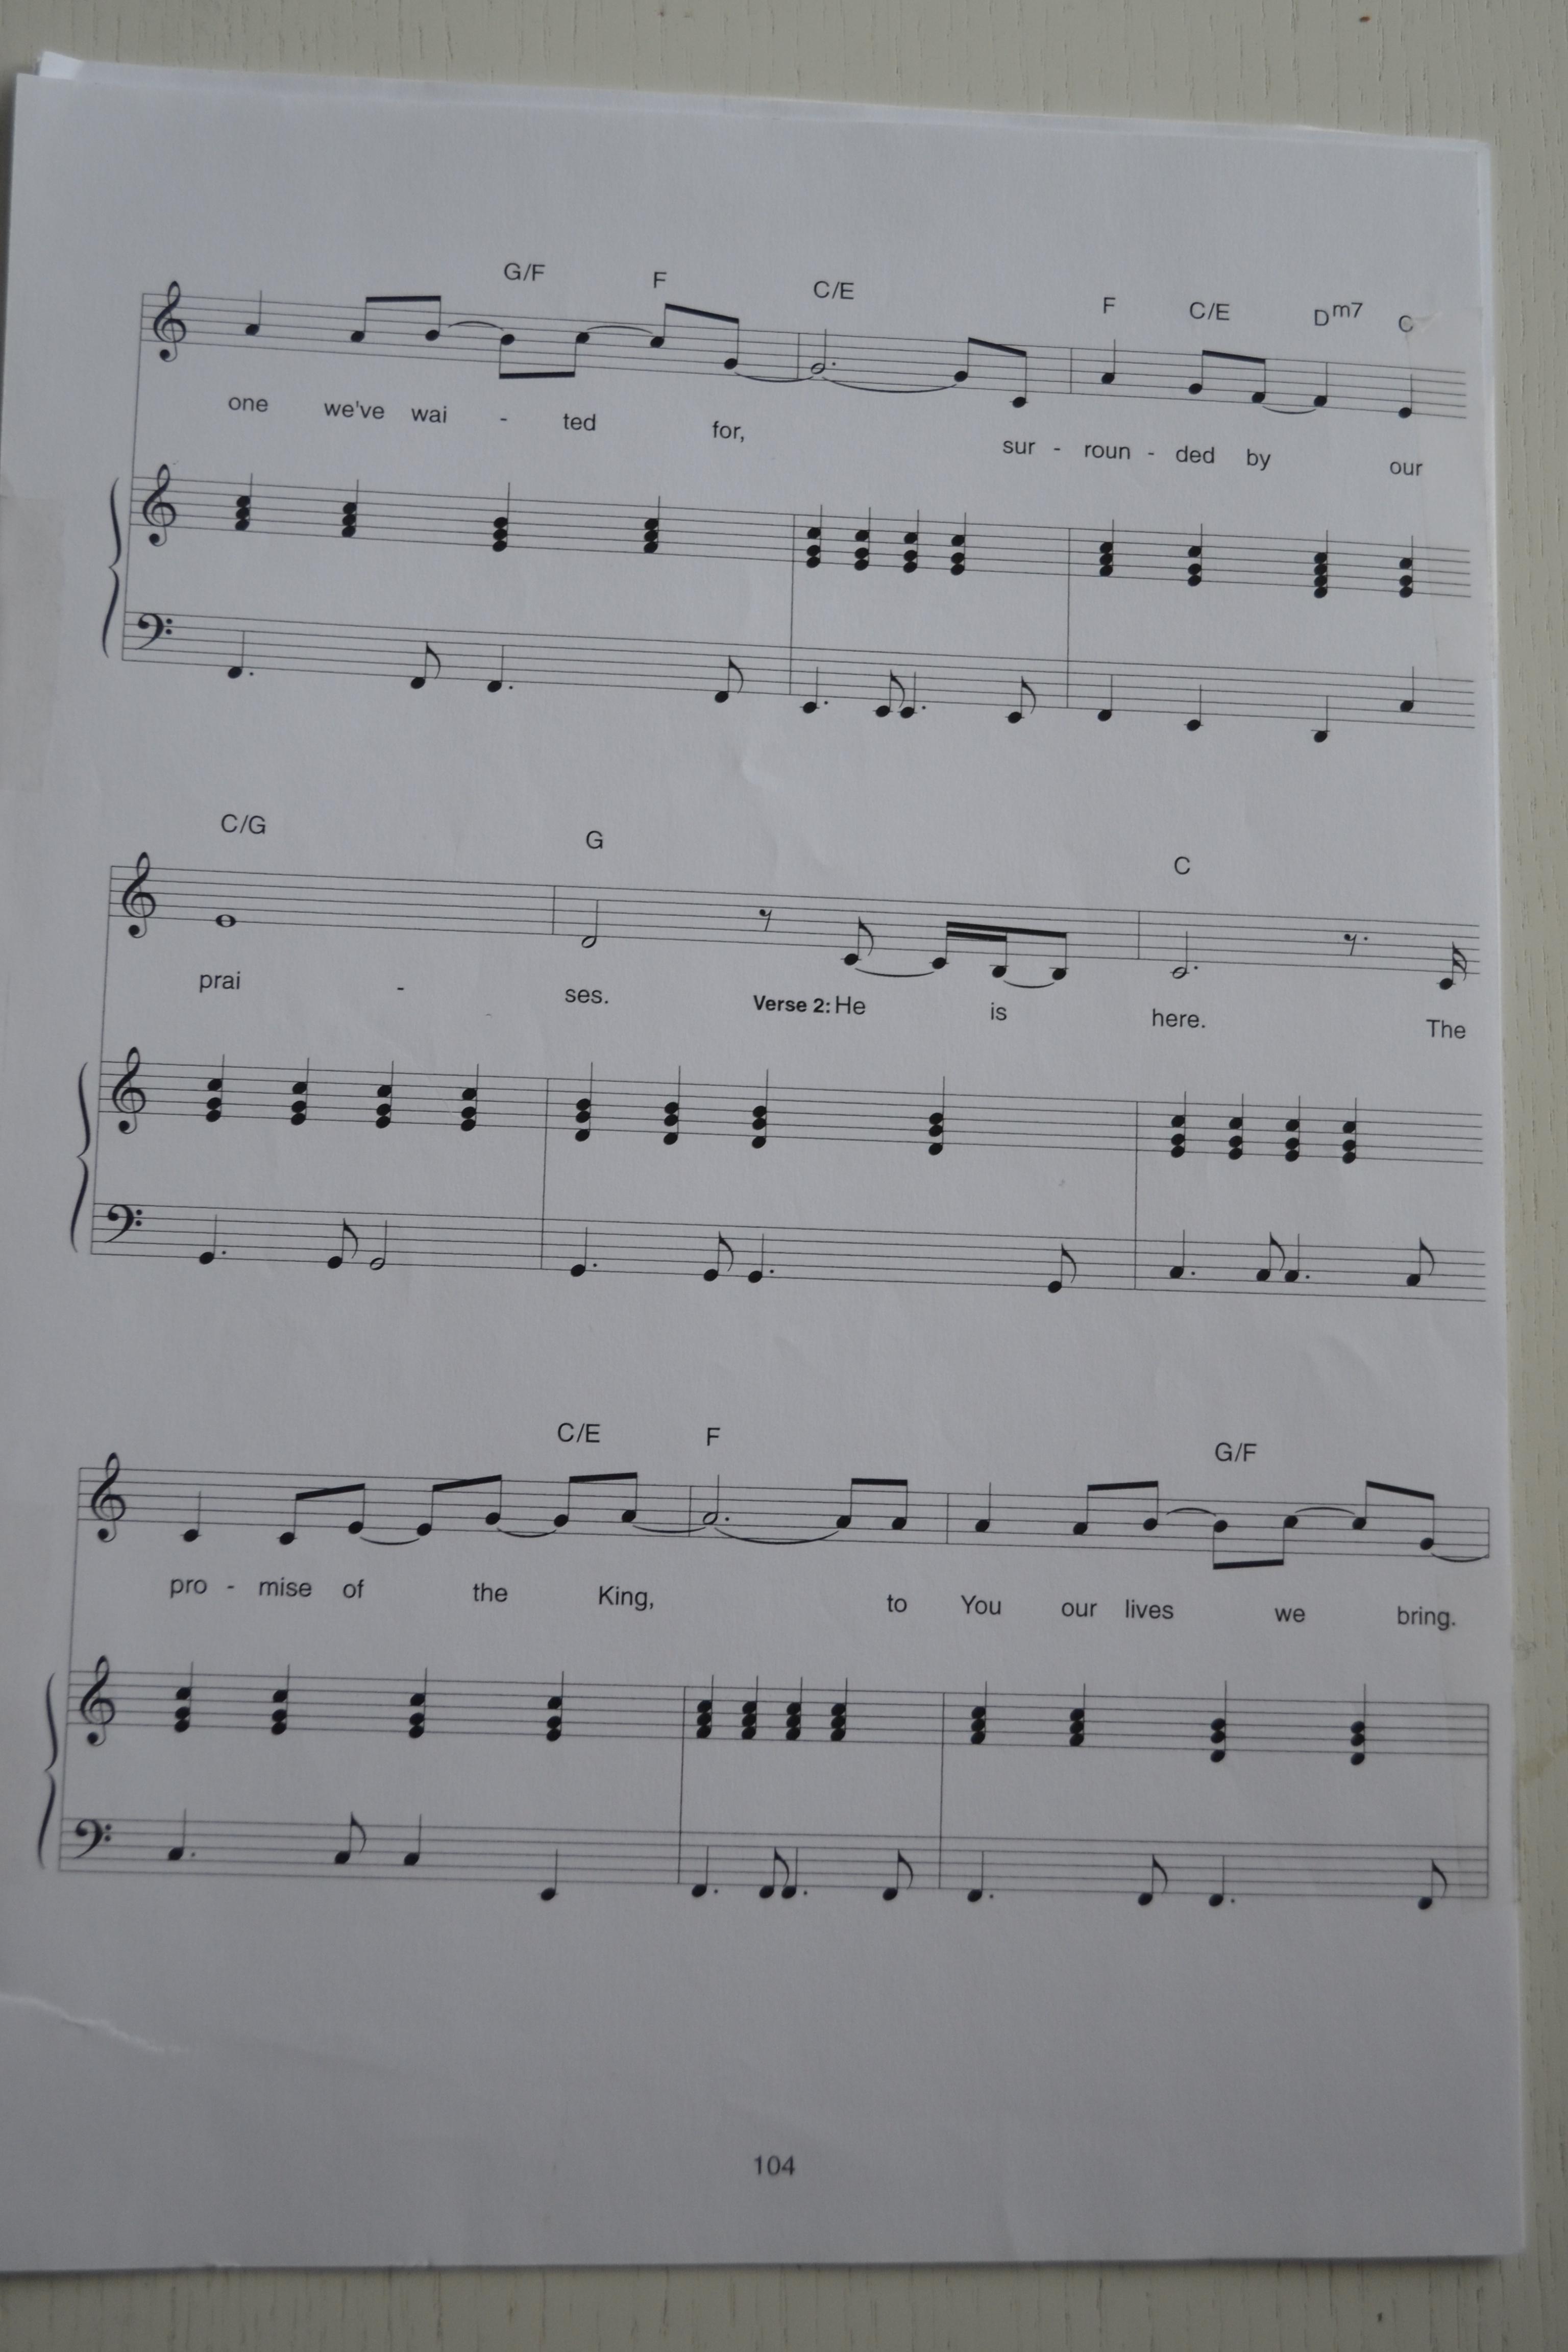 Hallelujah (Zschech) - Han är här, sidan 2